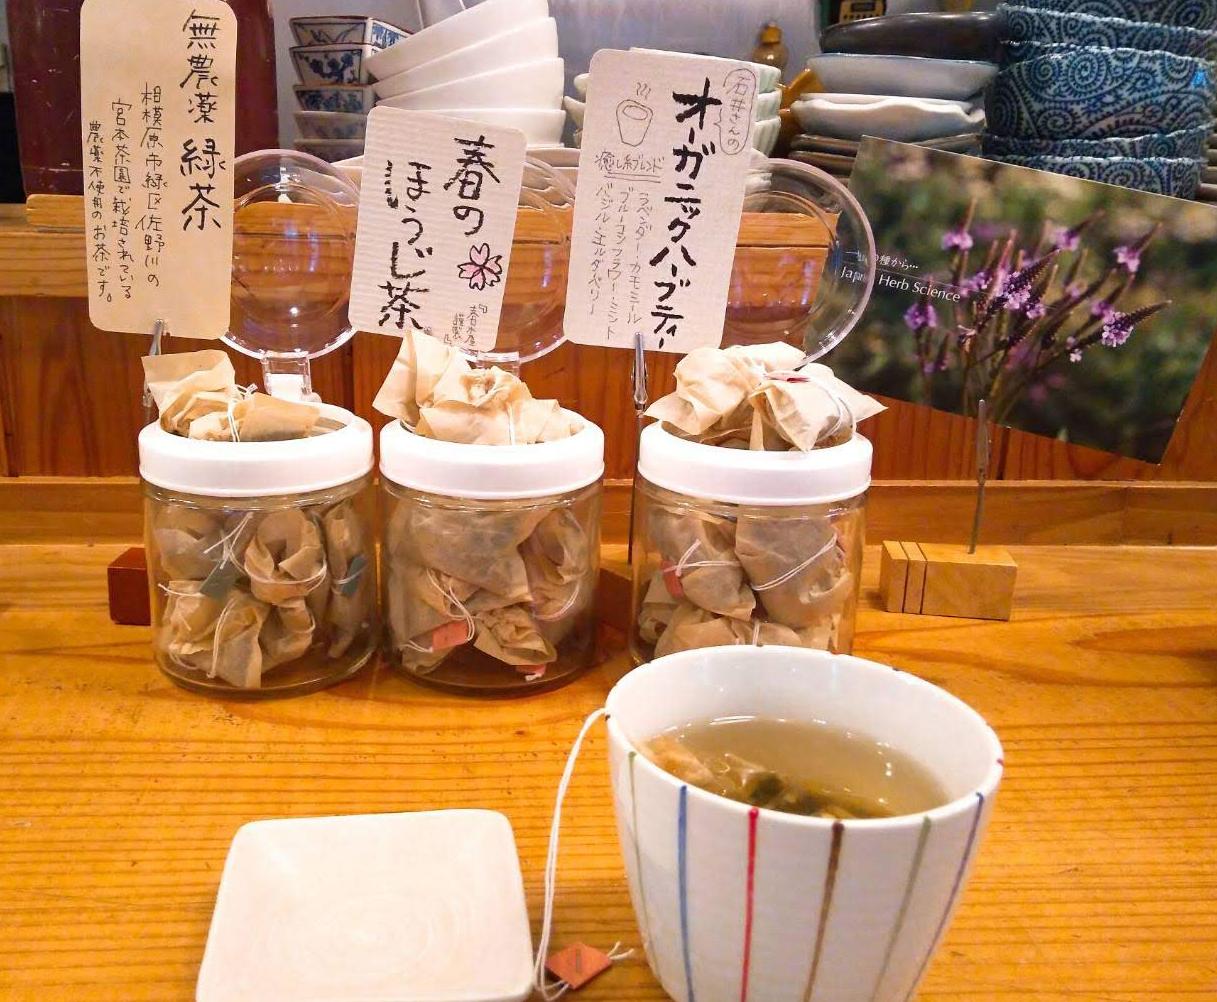 三鷹「ユーカリ食堂」の選べる3種のお茶